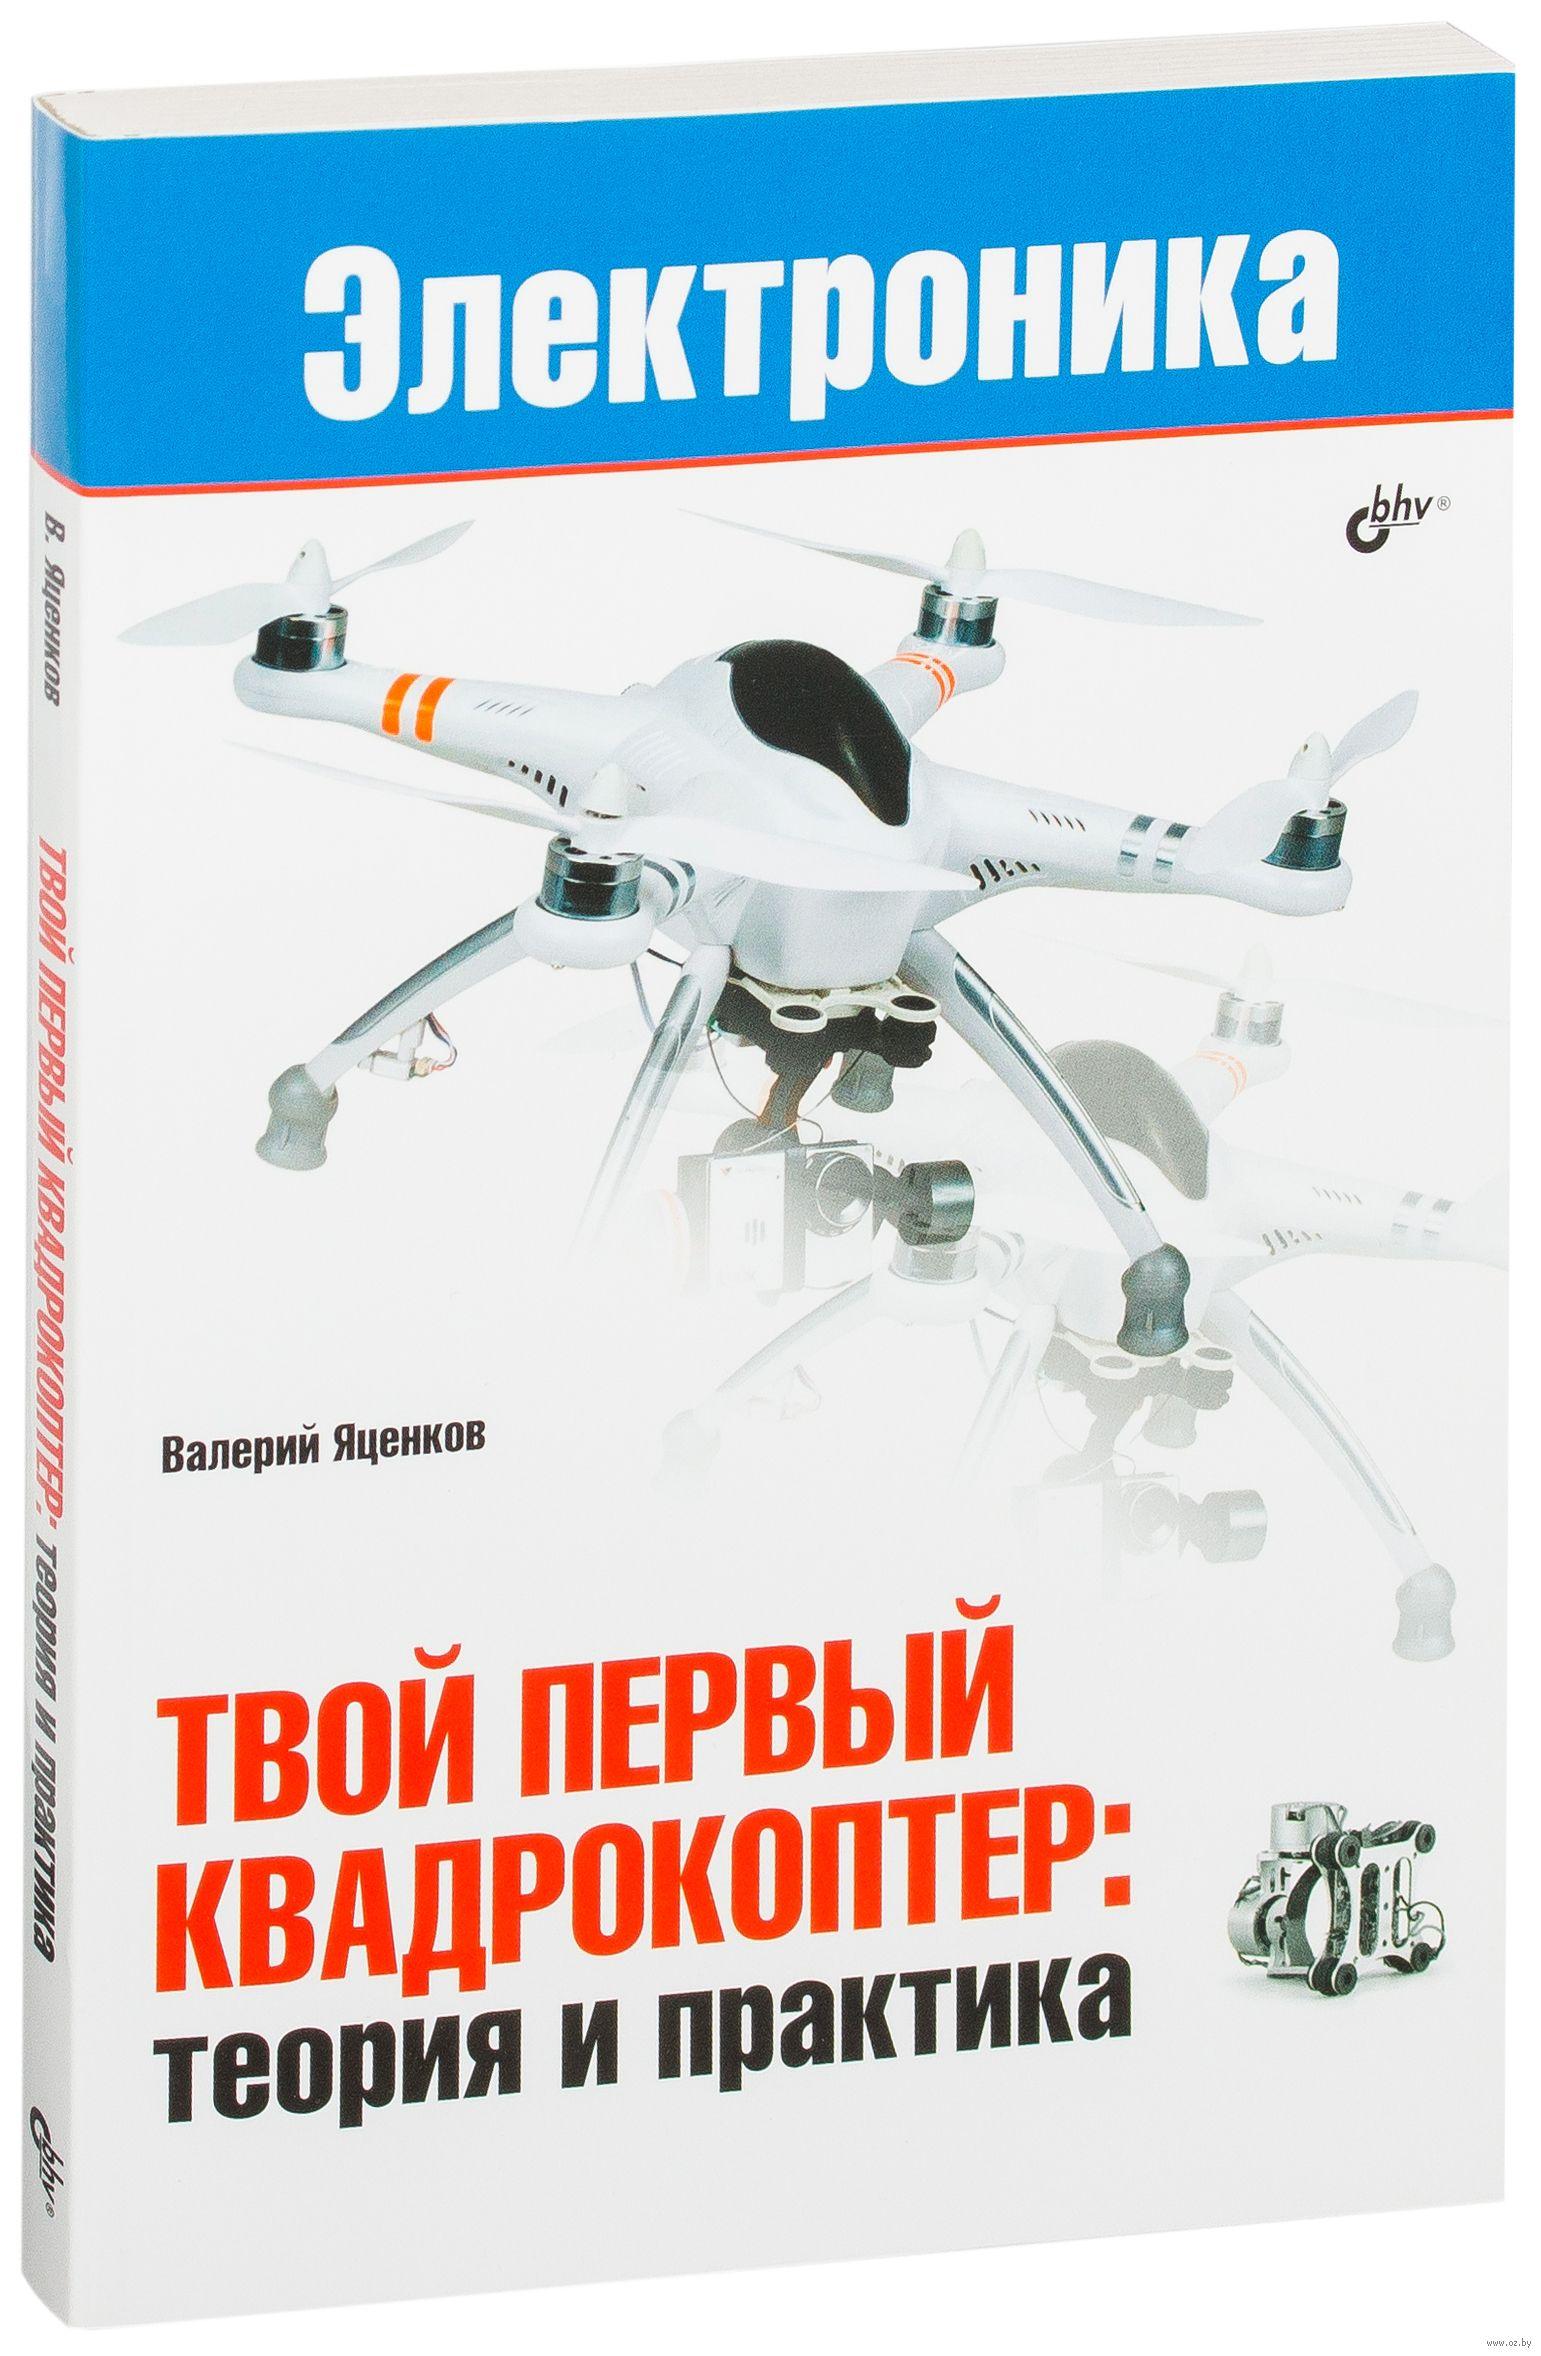 Книги Arduino - сборники для начинающих на русском